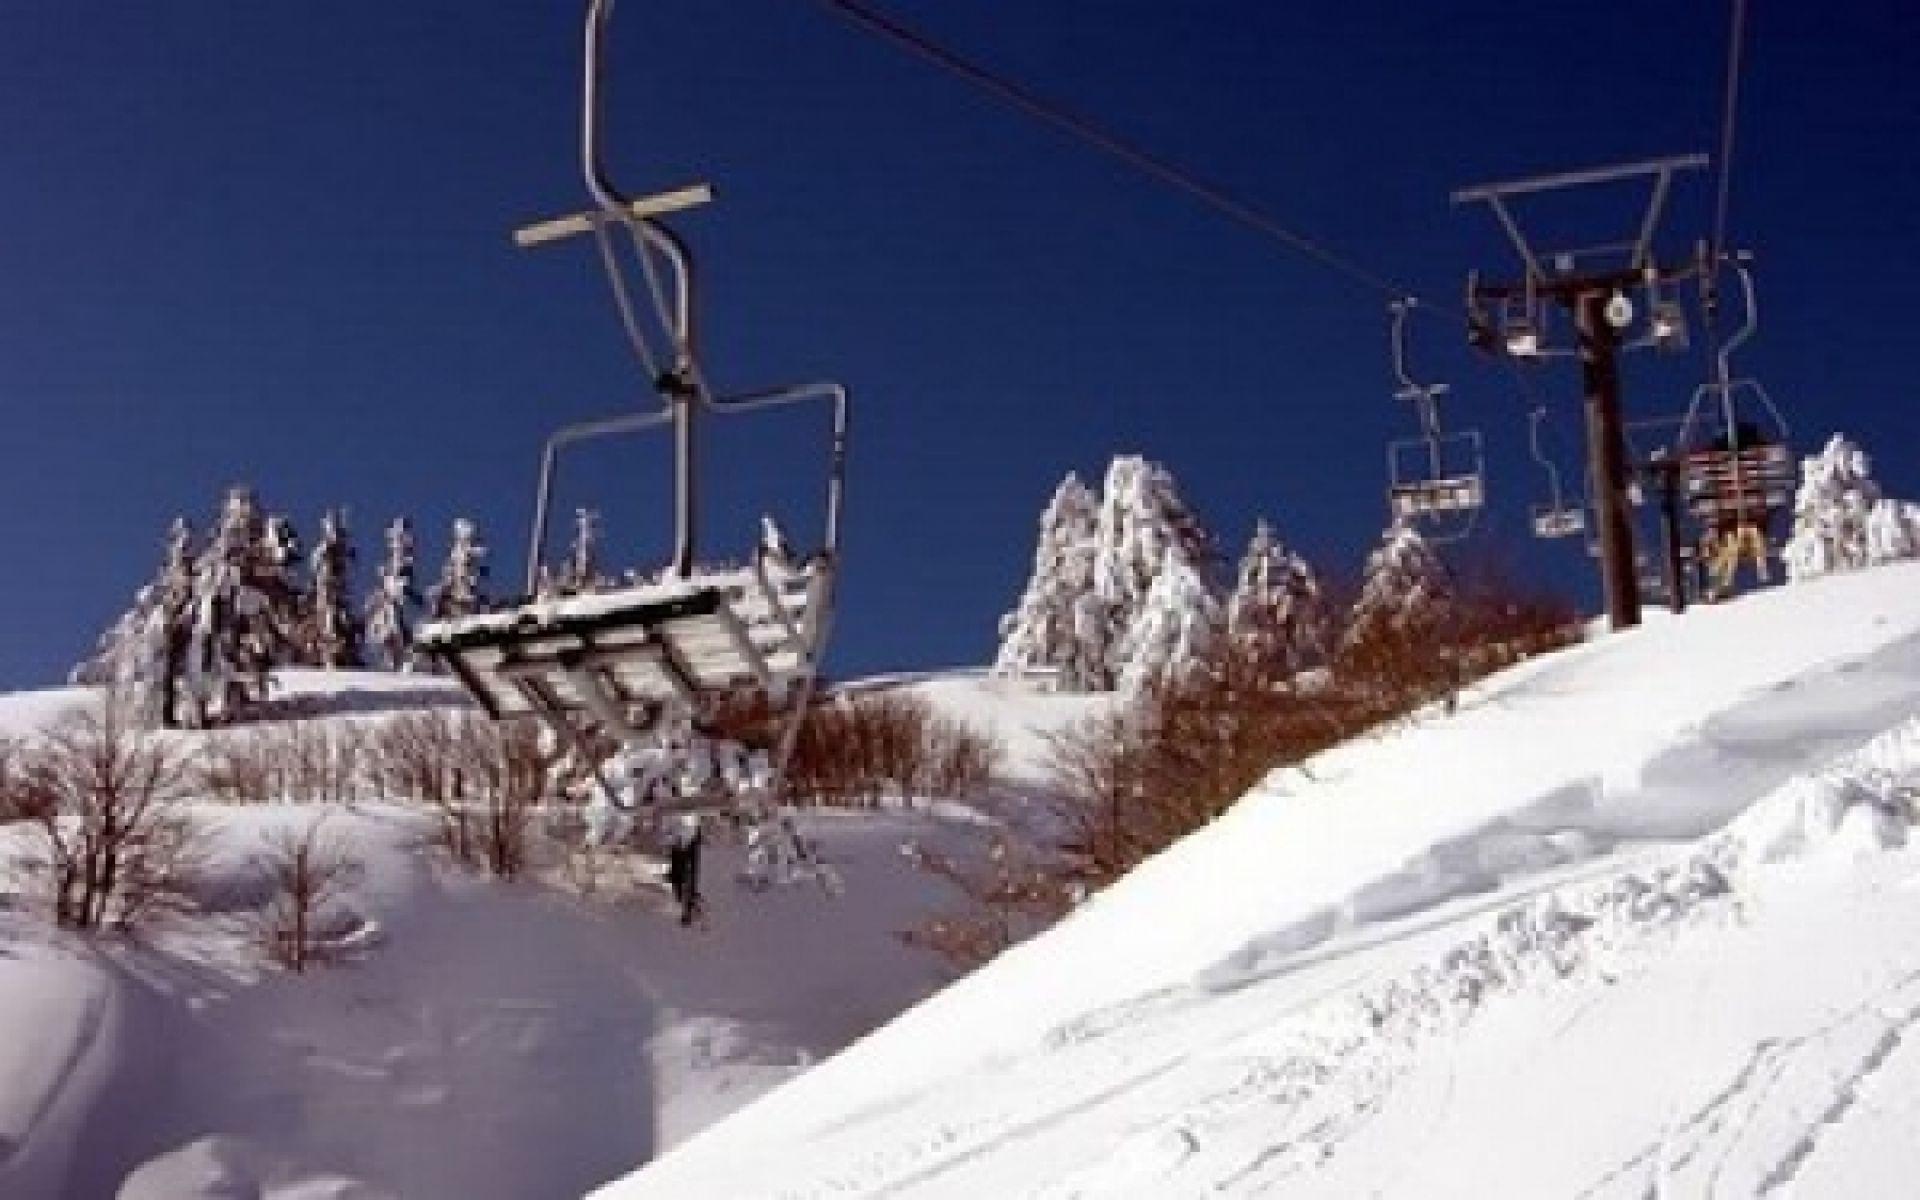 Ποιες μέρες θα λειτουργήσει το Χιονοδρομικό Κέντρο Βασιλίτσας